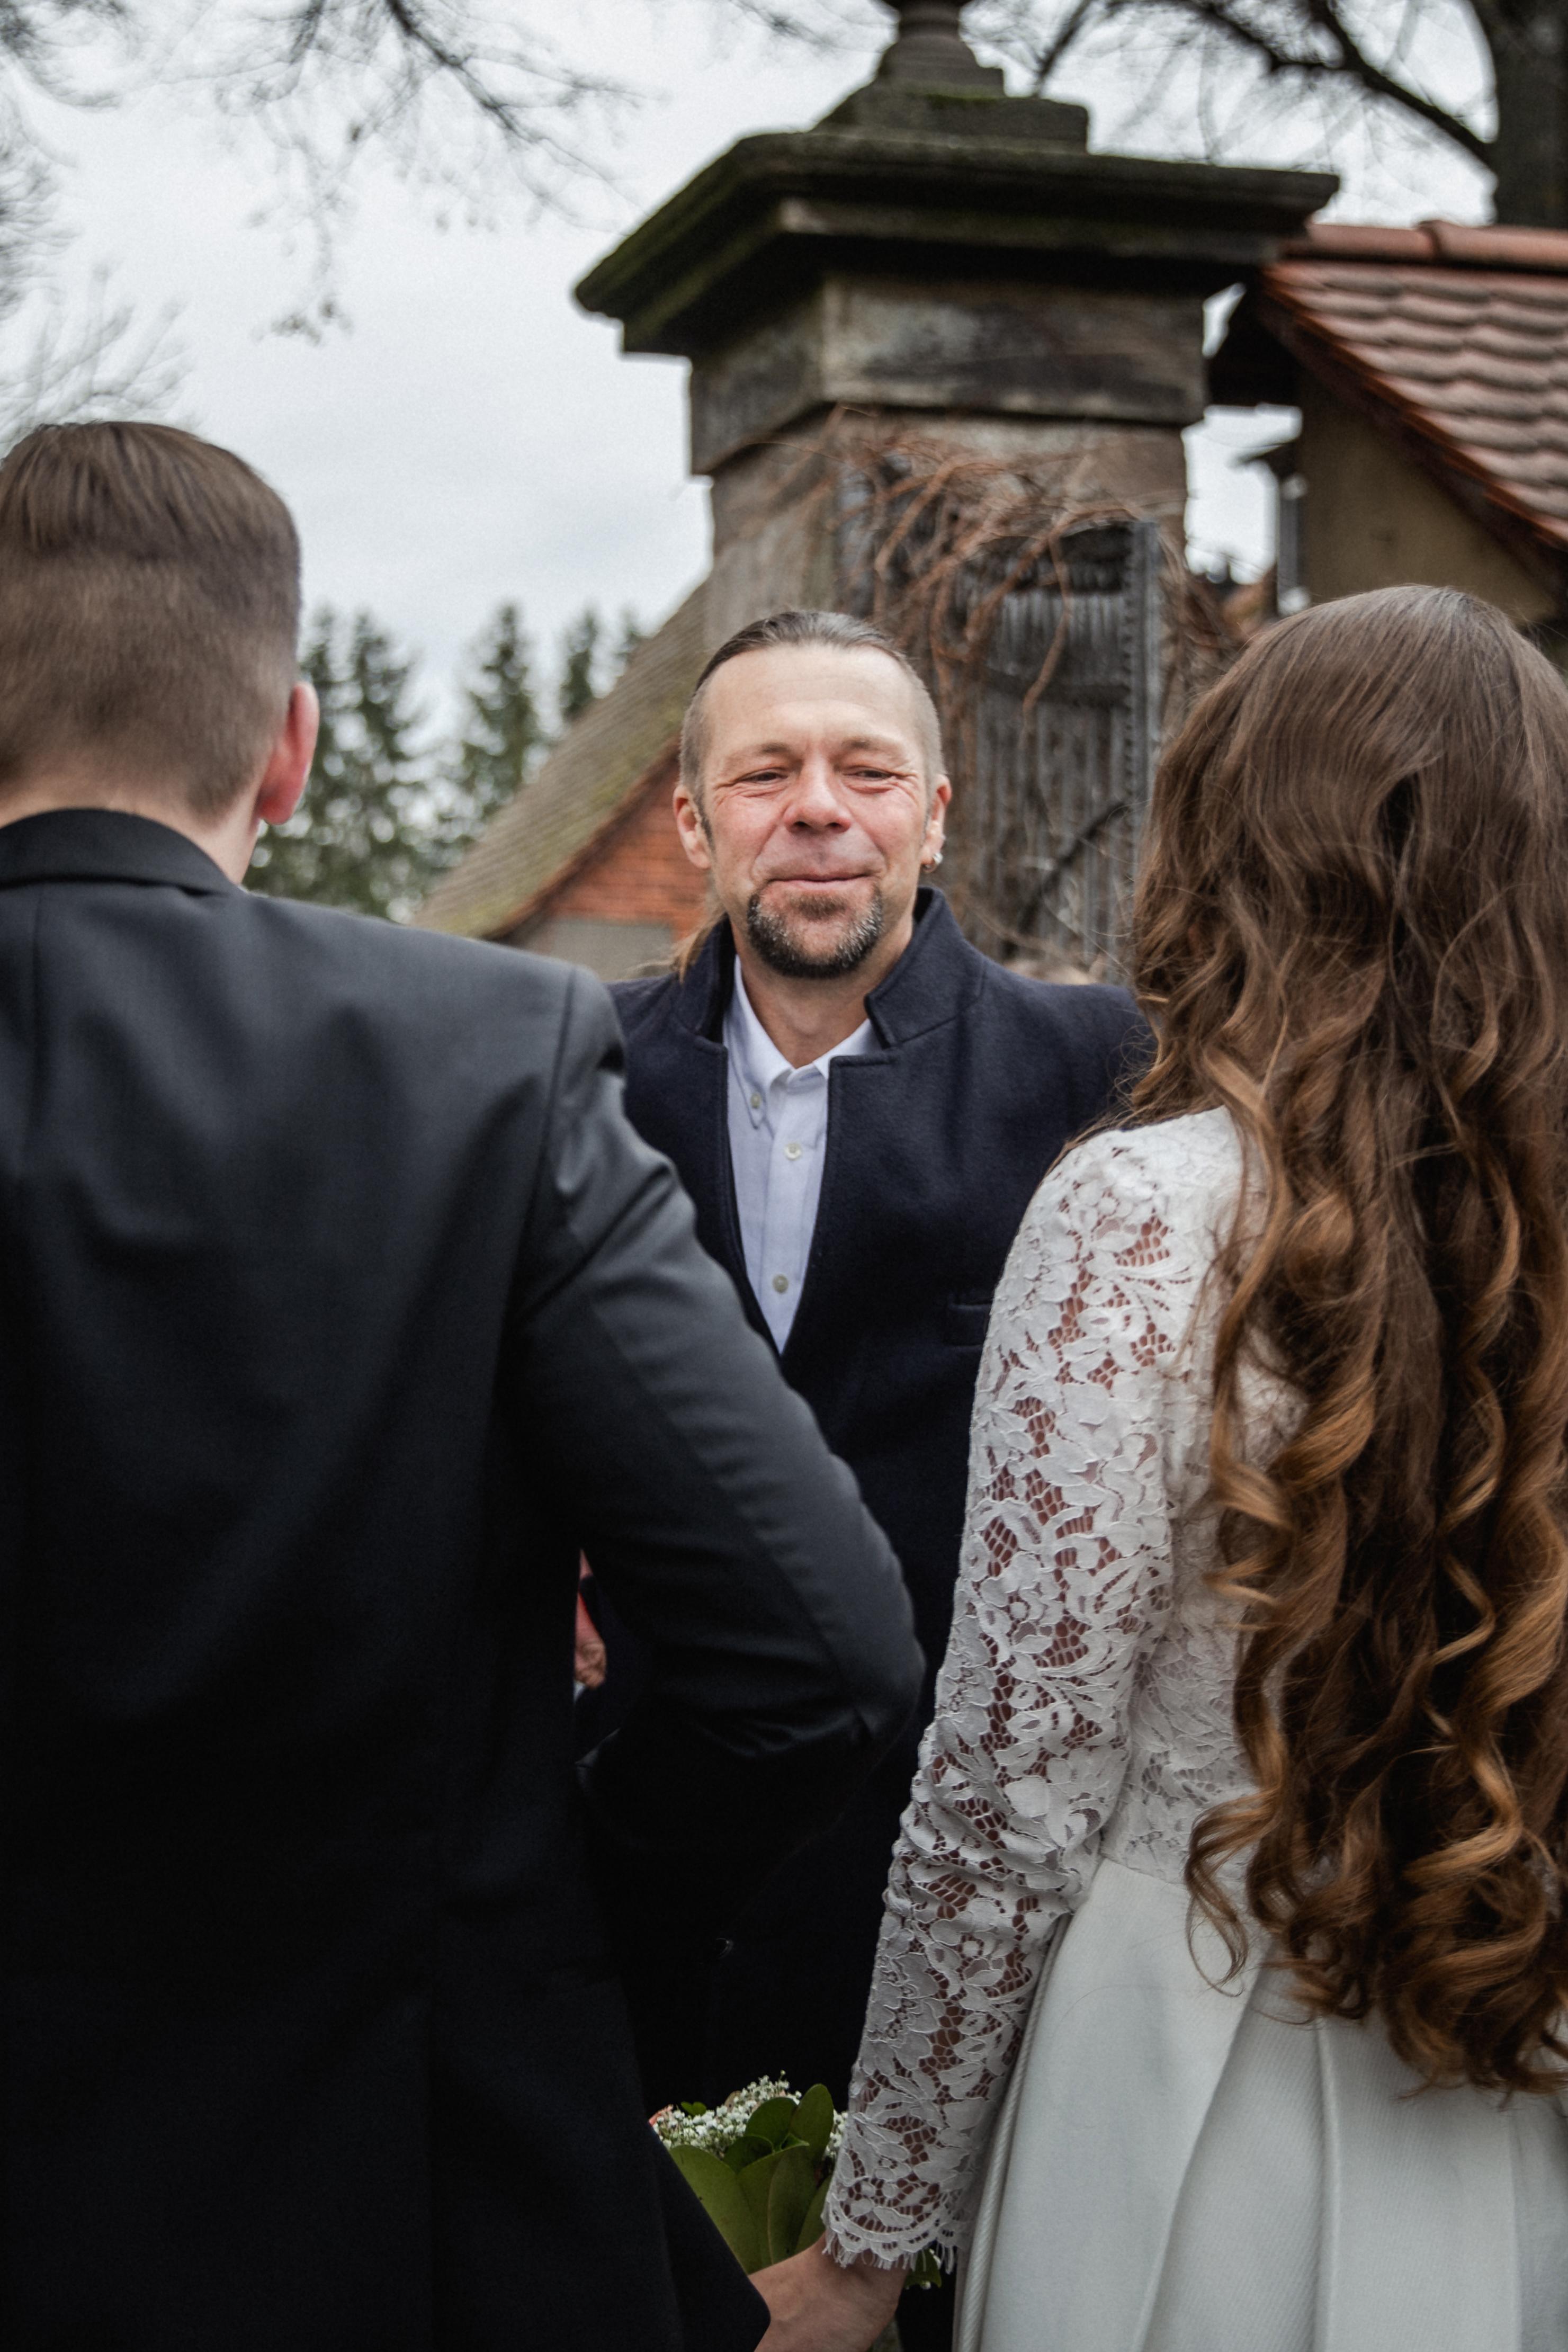 Hochzeitsfotograf-Grossgruendlach-Standesamt-Hallerschloss-Urbanerie-Stazija-und-Michael-045